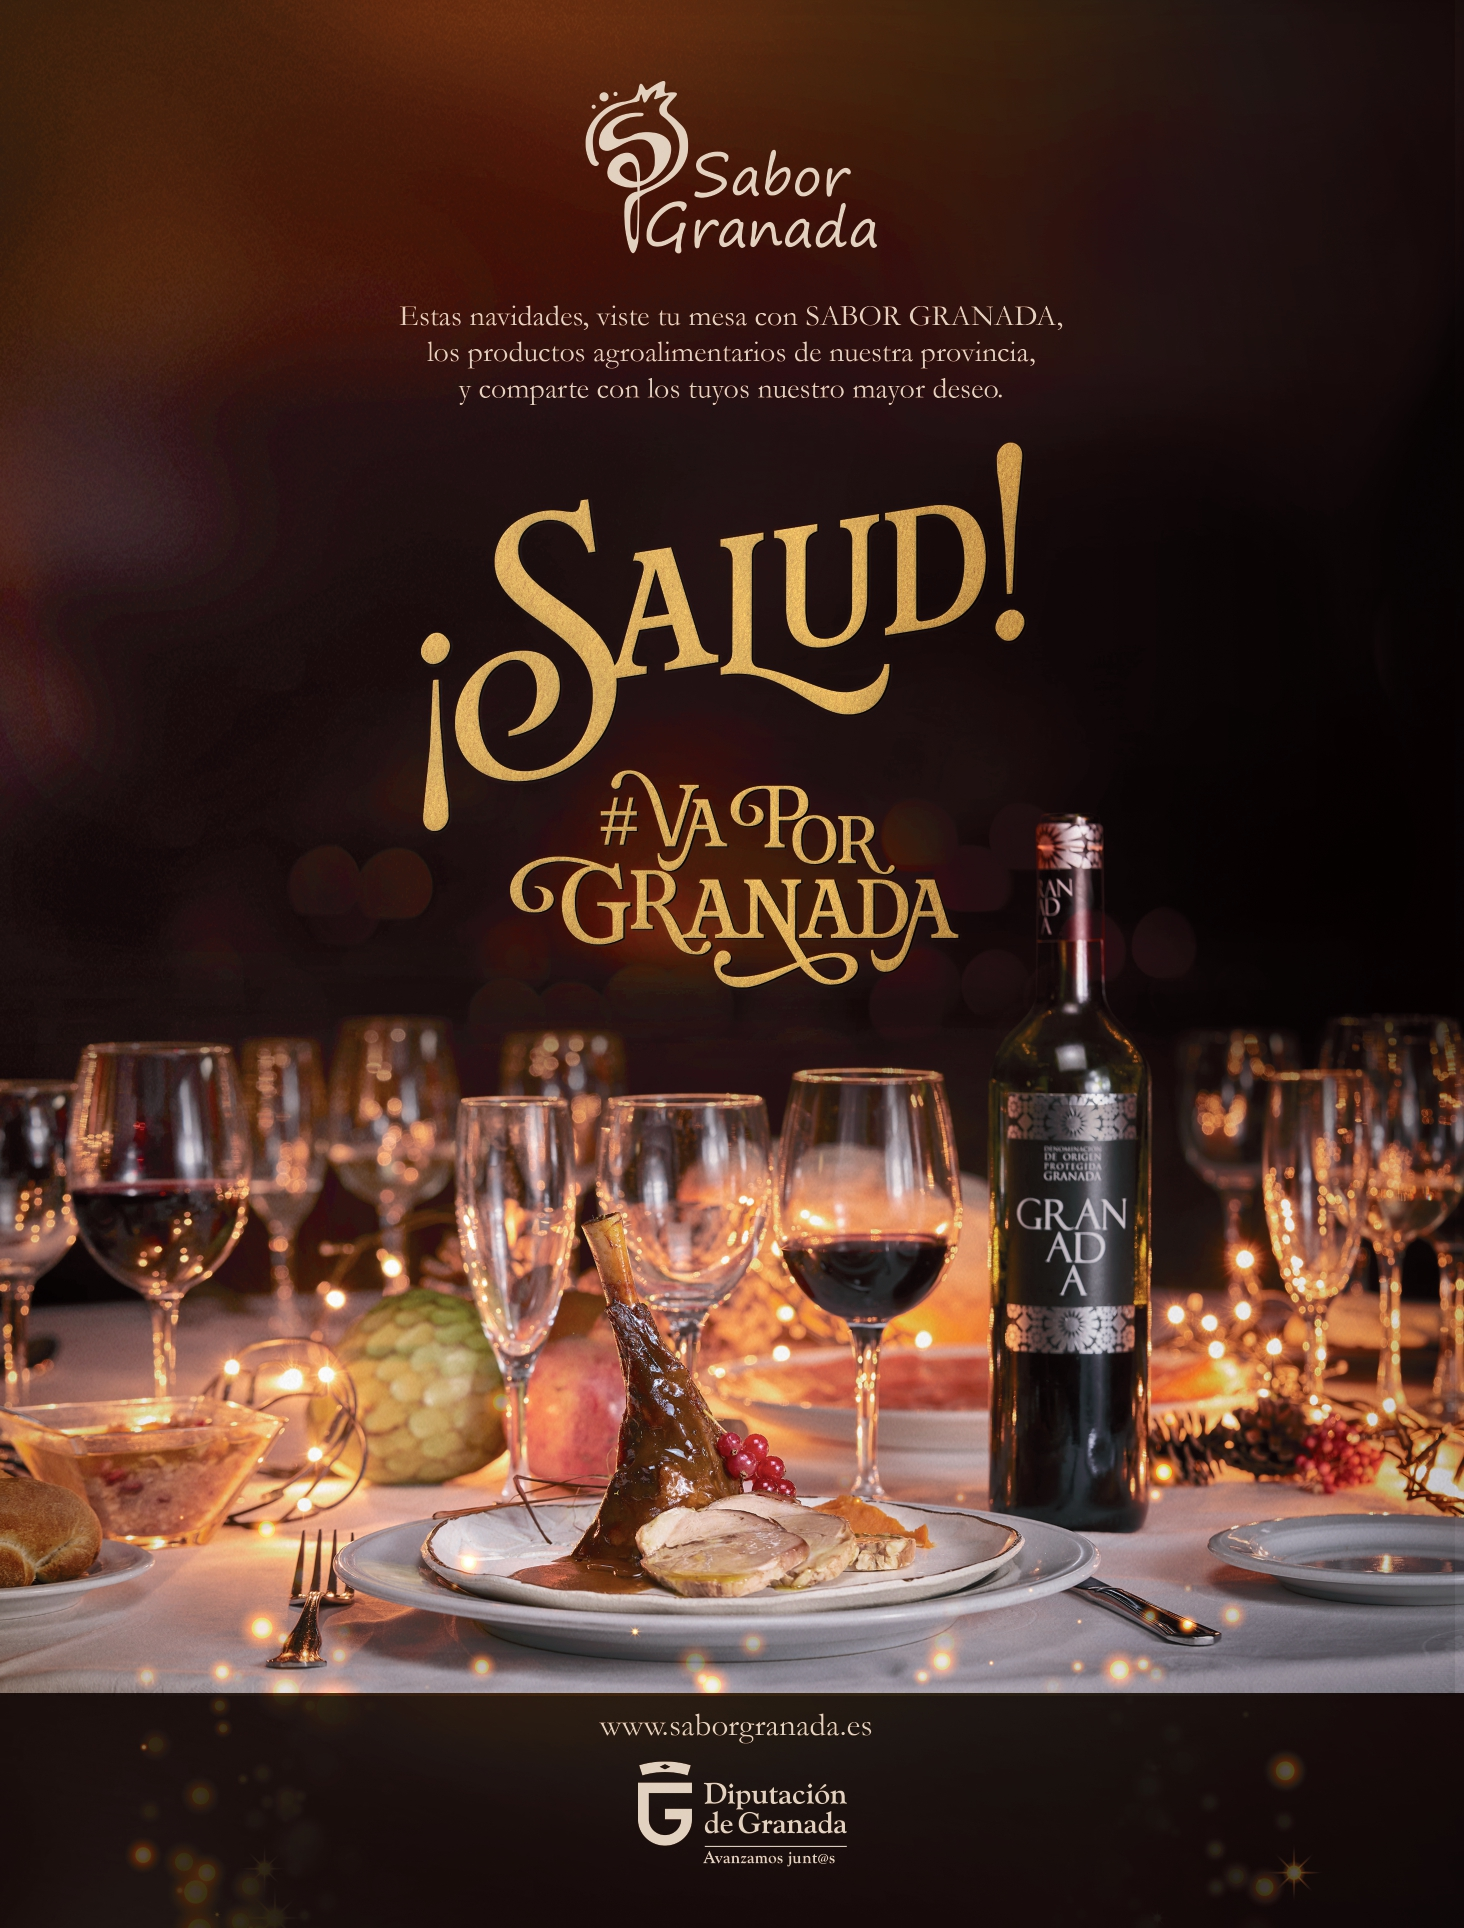 """""""Salud, va por Granada"""", lema para promover el consumo de productos Sabor Granada en Navidad"""